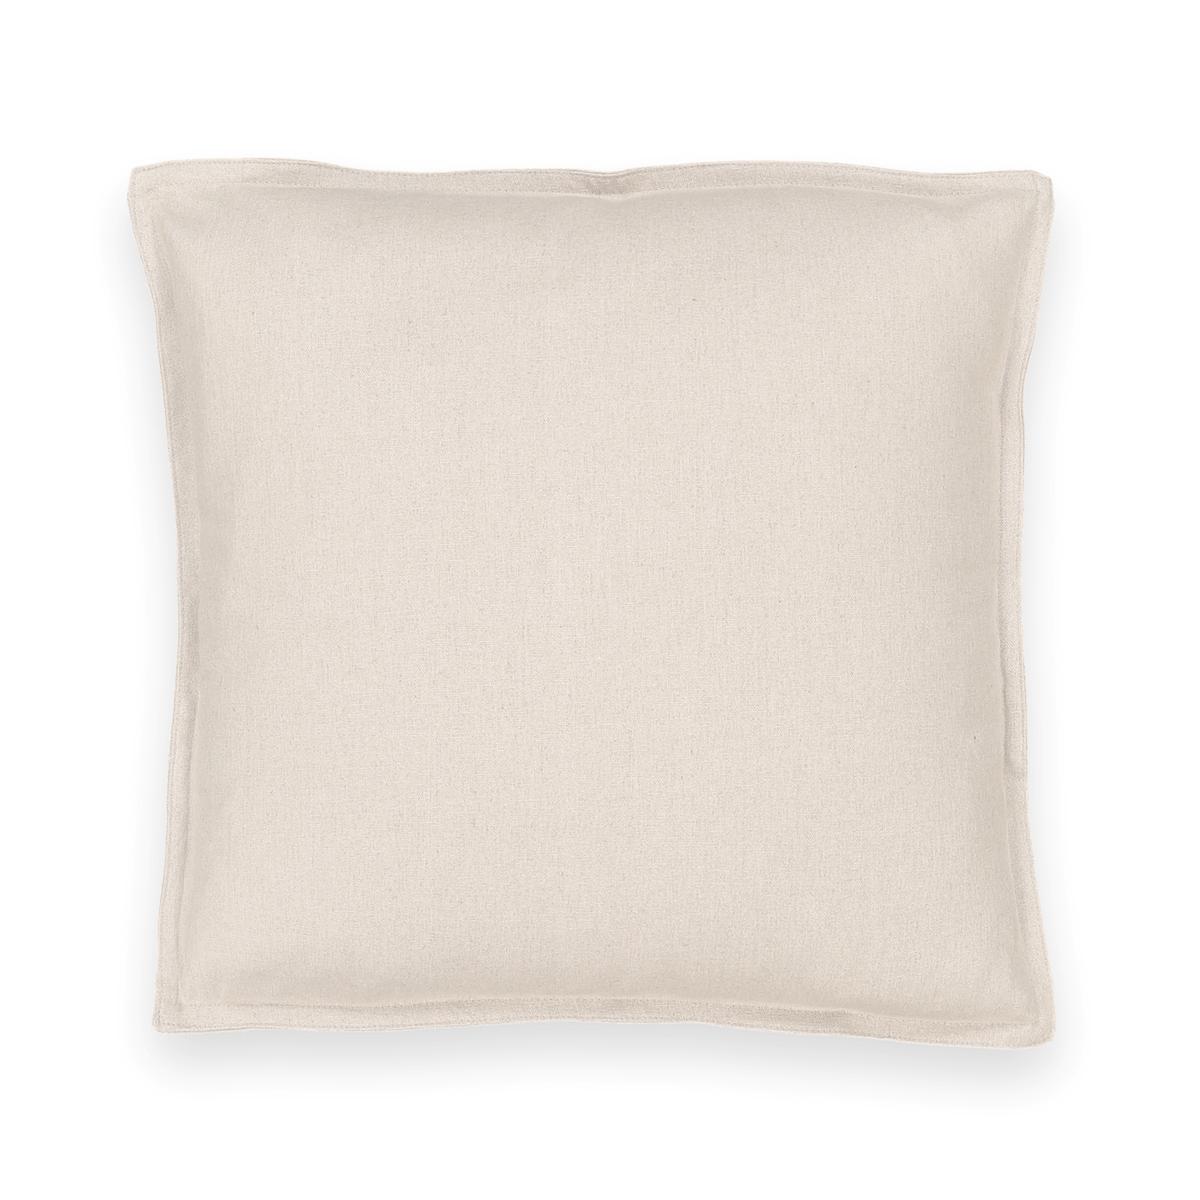 Чехол на подушку из льна/хлопка TA?MAИскрящаяся красота смеси натуральных льна и хлопка. Чехол на подушку из смеси тканей Ta?ma - прекрасный аксессуар, чтобы подчеркнуть роскошь вашего интерьера . Характеристики чехла на подушку из льна и хлопка Ta?ma :- Высокое качество уровня Qualit? BEST.- 55% льна, 45% хлопка - Застежка на невидимую молнию  - Отличная стойкость цвета . Размеры чехла на подушку Ta?ma:50 x 50 см60 x 40 см Найдите на сайте laredoute .ru le подушку TERRA Знак Oeko-Tex® гарантирует, что товары прошли проверку и были изготовлены без применения вредных для здоровья человека веществ.<br><br>Цвет: белый,бледный сине-зеленый,розовое дерево,светло-серо-коричневый,светло-серый,серо-бежевый,серо-синий,сливовый,темно-серый,экрю